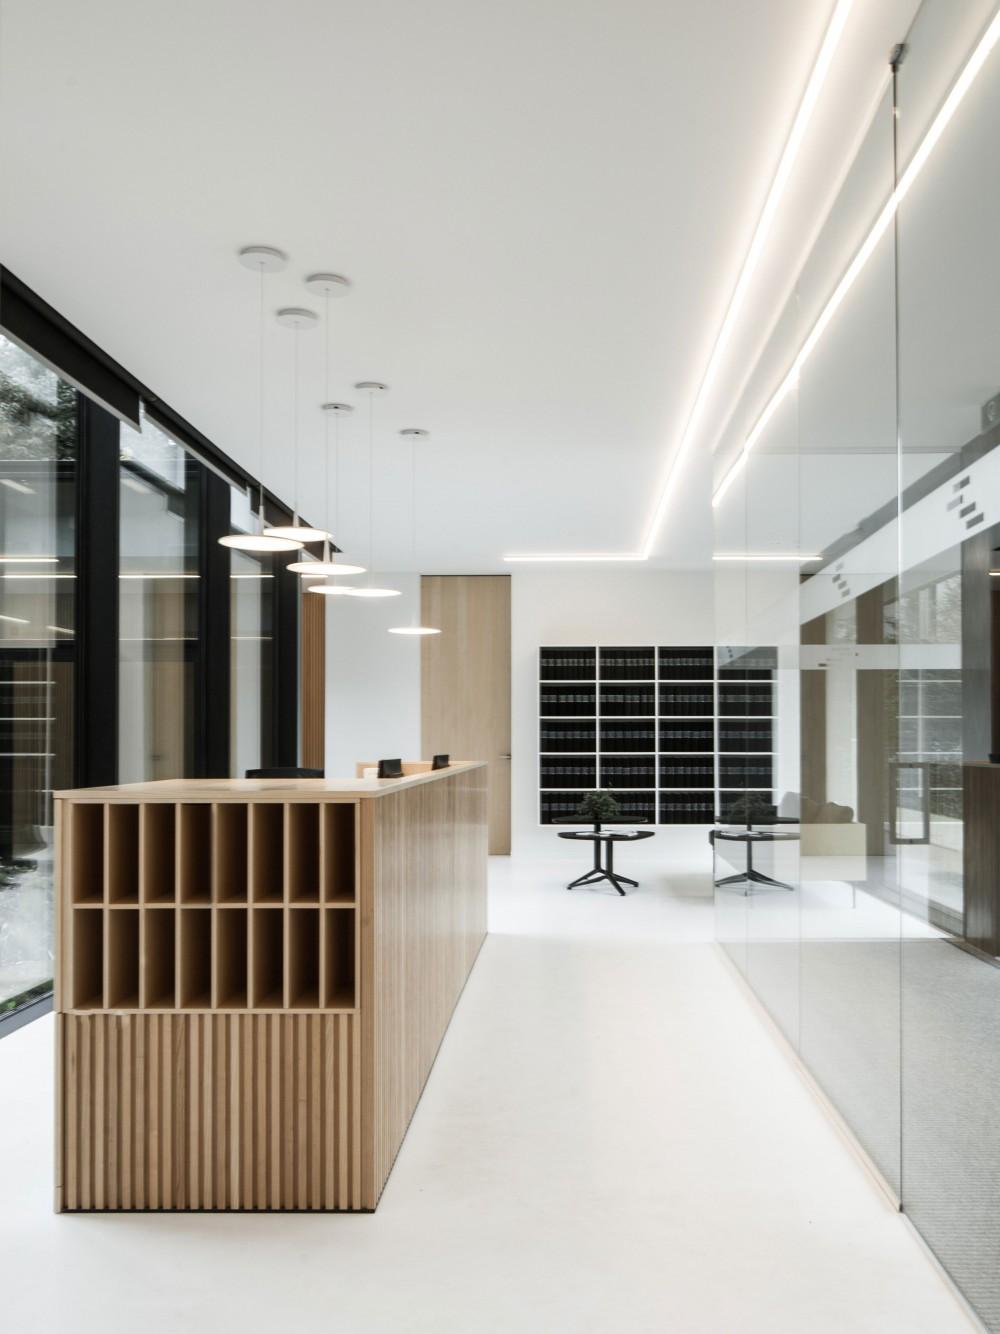 Abscis Architecten - onthaalruimte met balie - foto Jeroen Verrecht